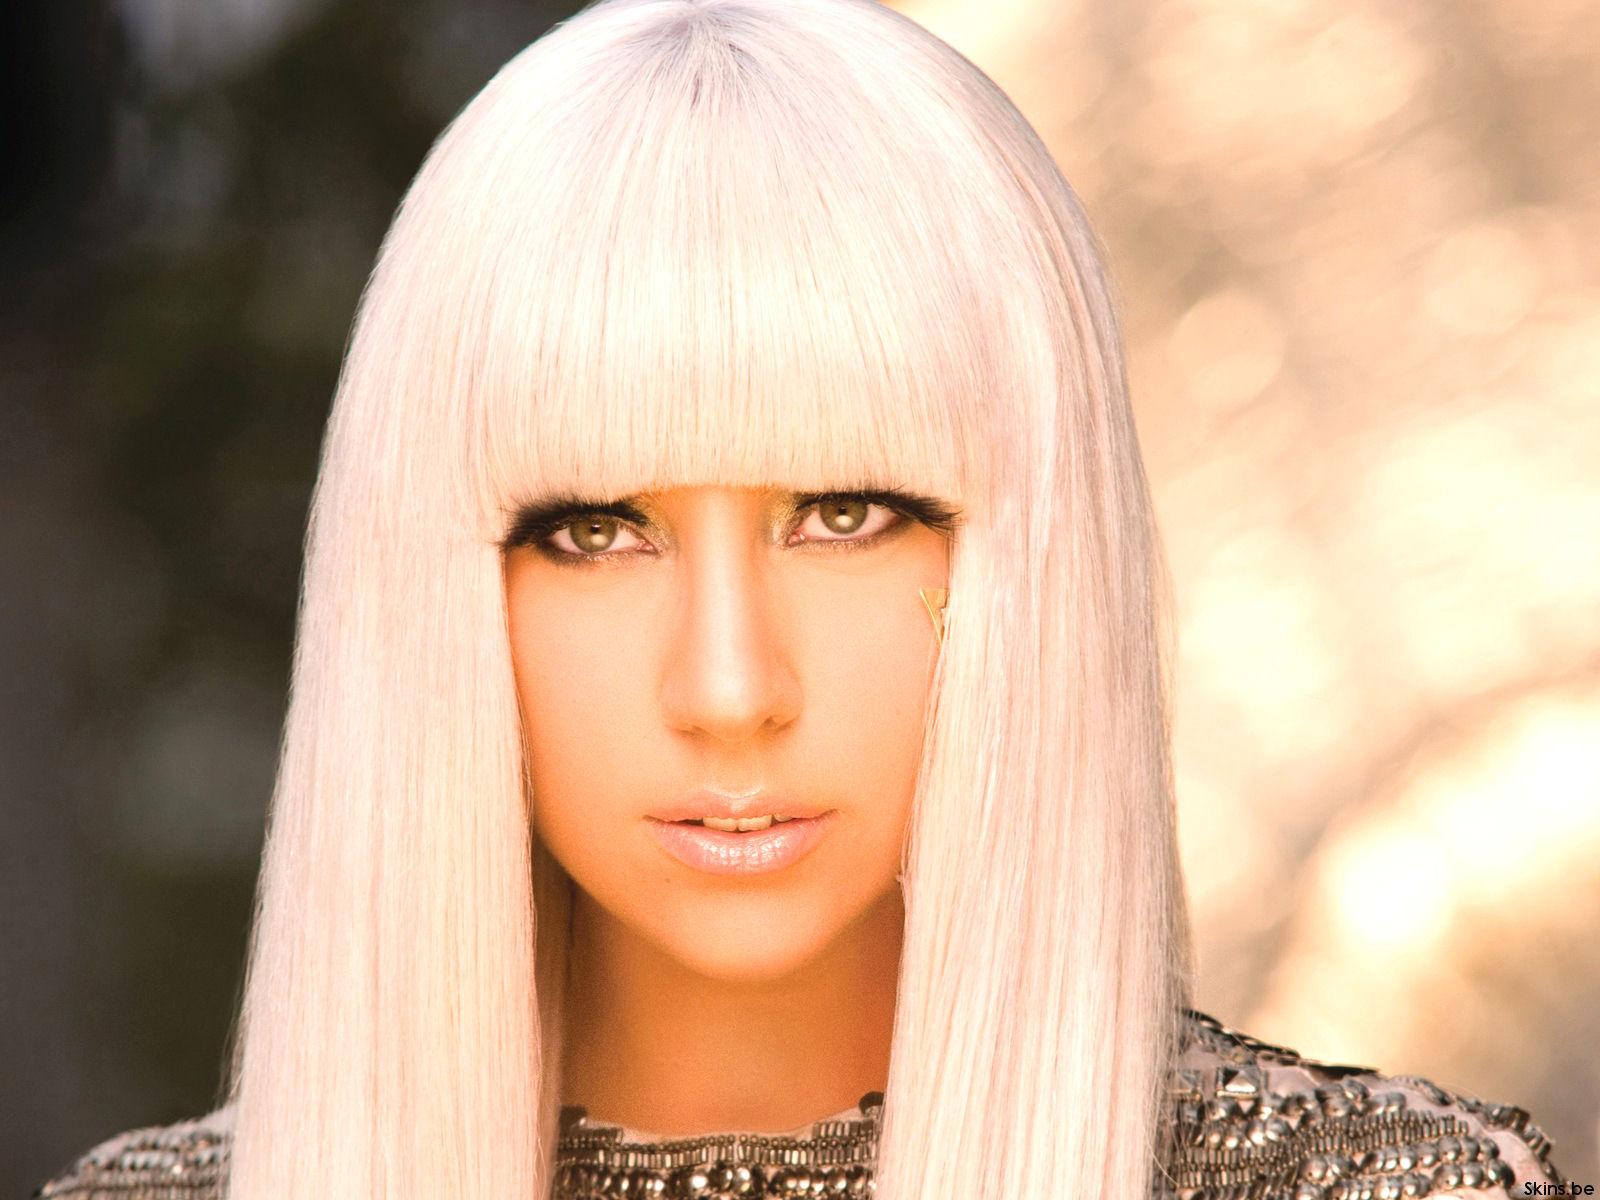 http://3.bp.blogspot.com/-NU4Ih2rchUA/TkYlY0DdyXI/AAAAAAAAB-I/w7U8oF1x3kA/s1600/Lady-Gaga-001-1600x1200.jpg